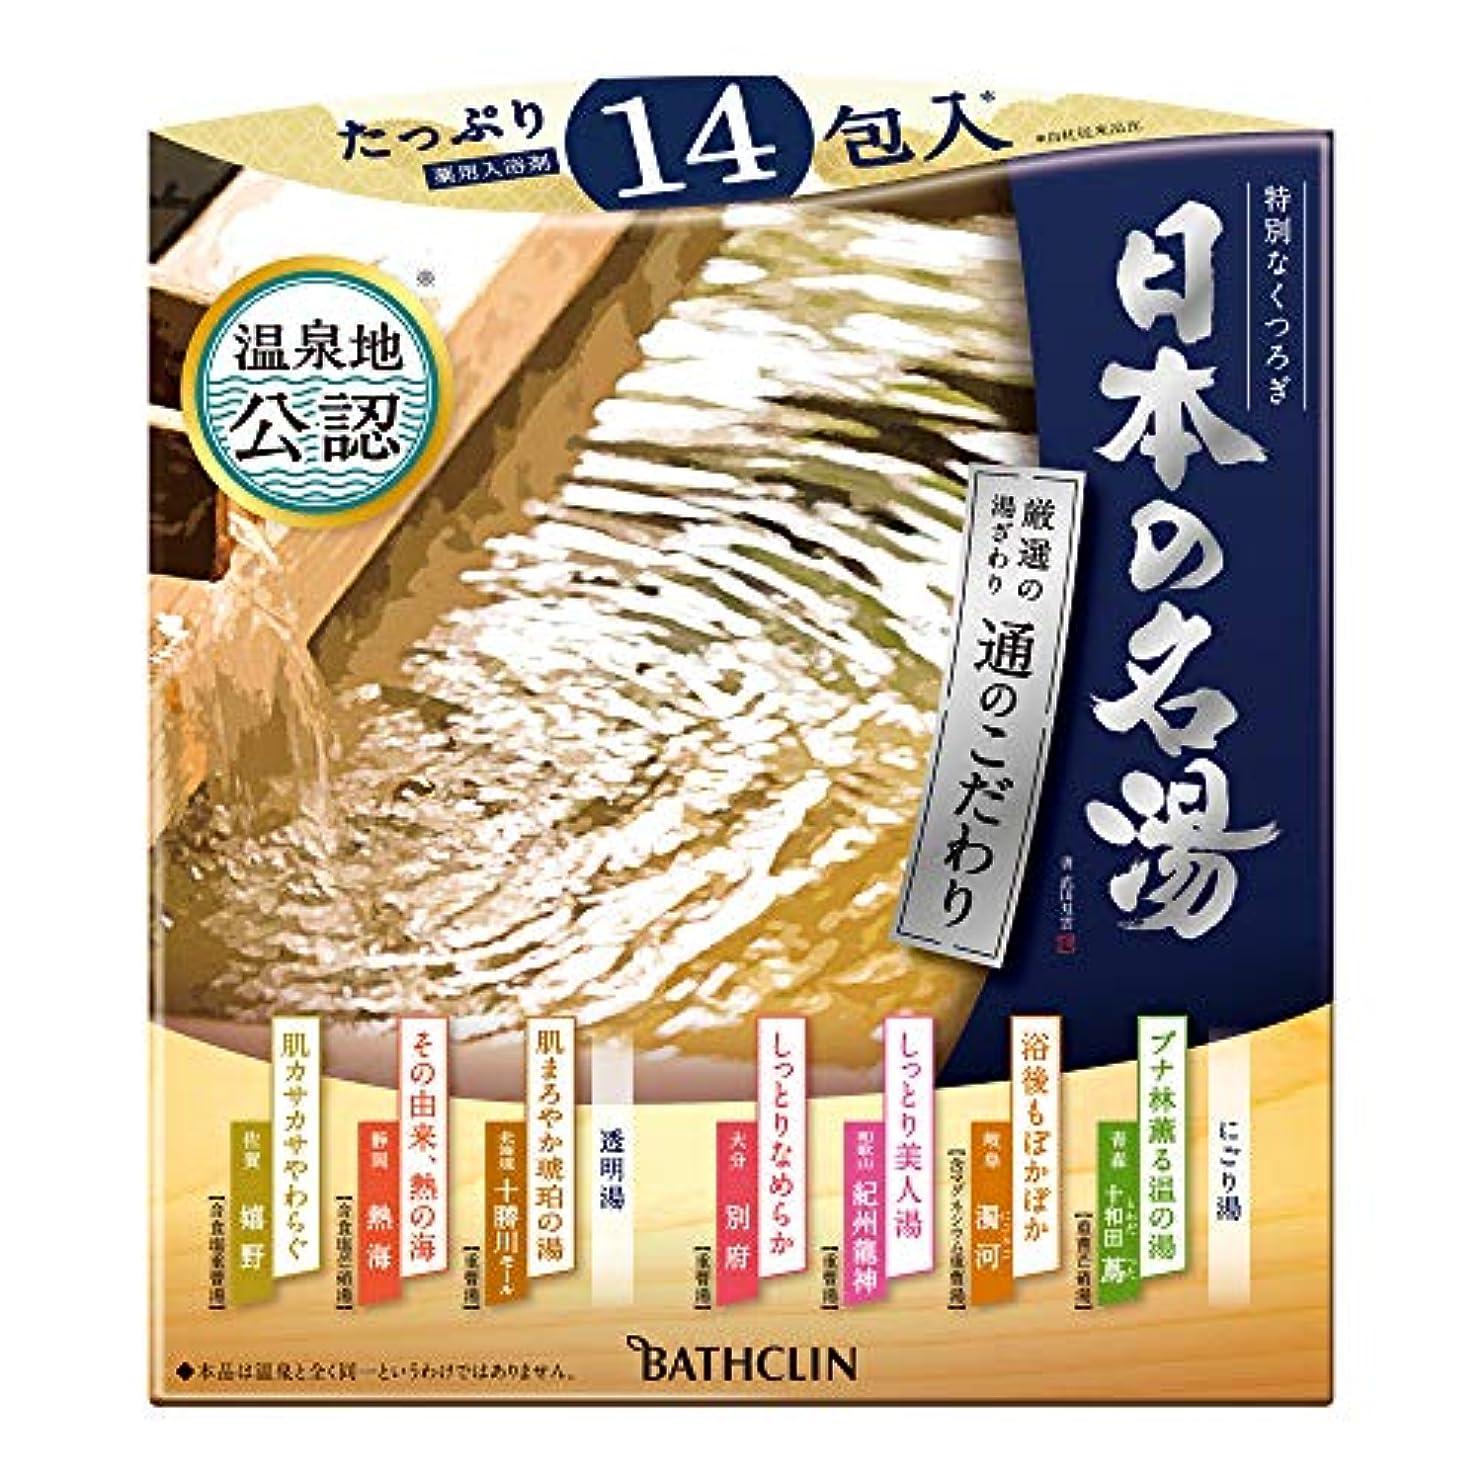 流行している大人海洋日本の名湯 通のこだわり 入浴剤 色と香りで情緒を表現した温泉タイプ入浴剤 セット 30g×14包